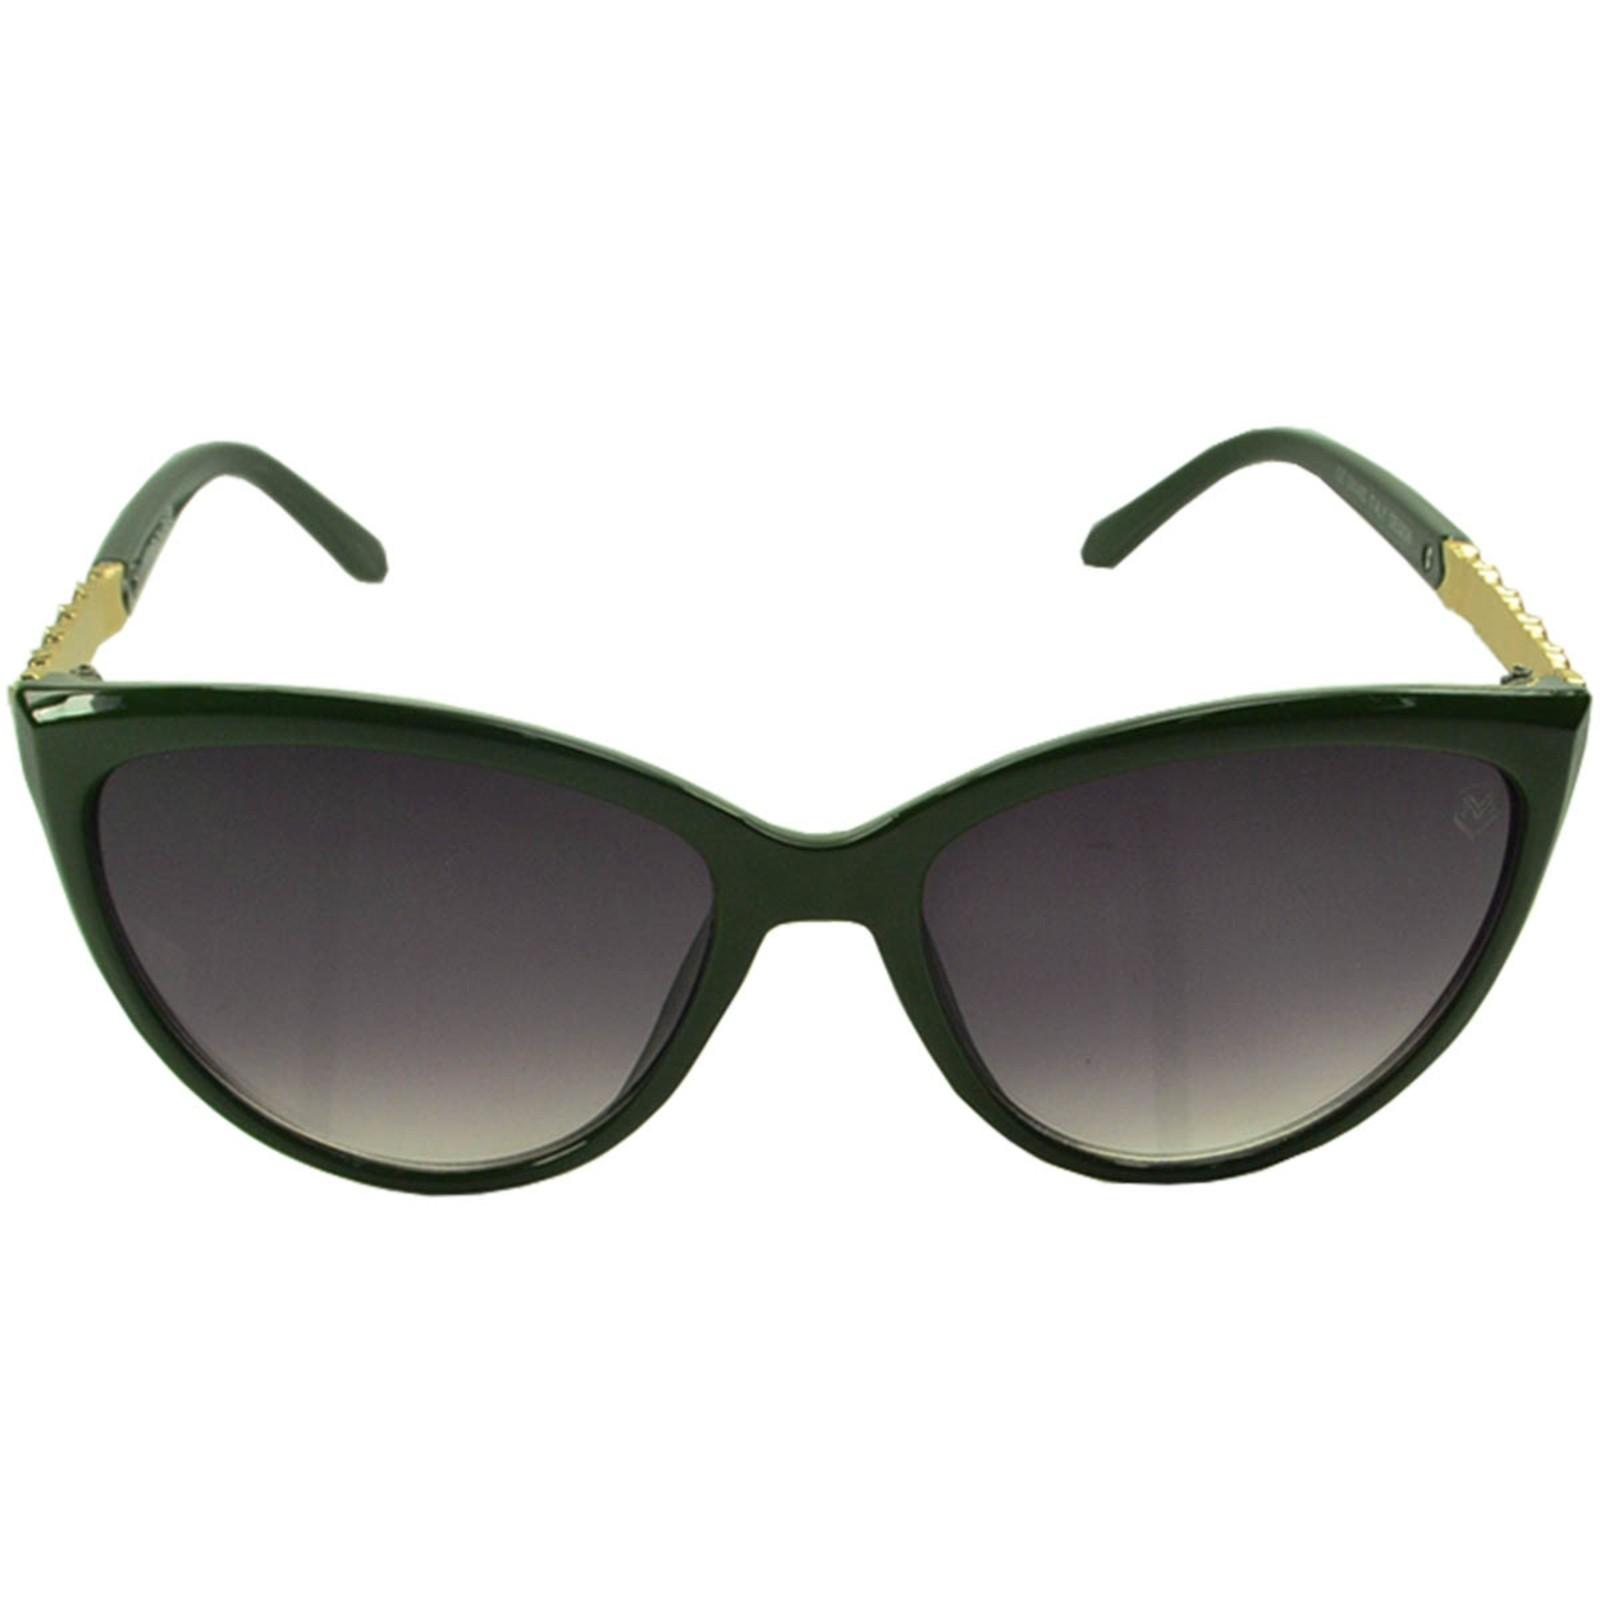 Óculos De Sol Mackage Feminino Acetato Gateado - Verde